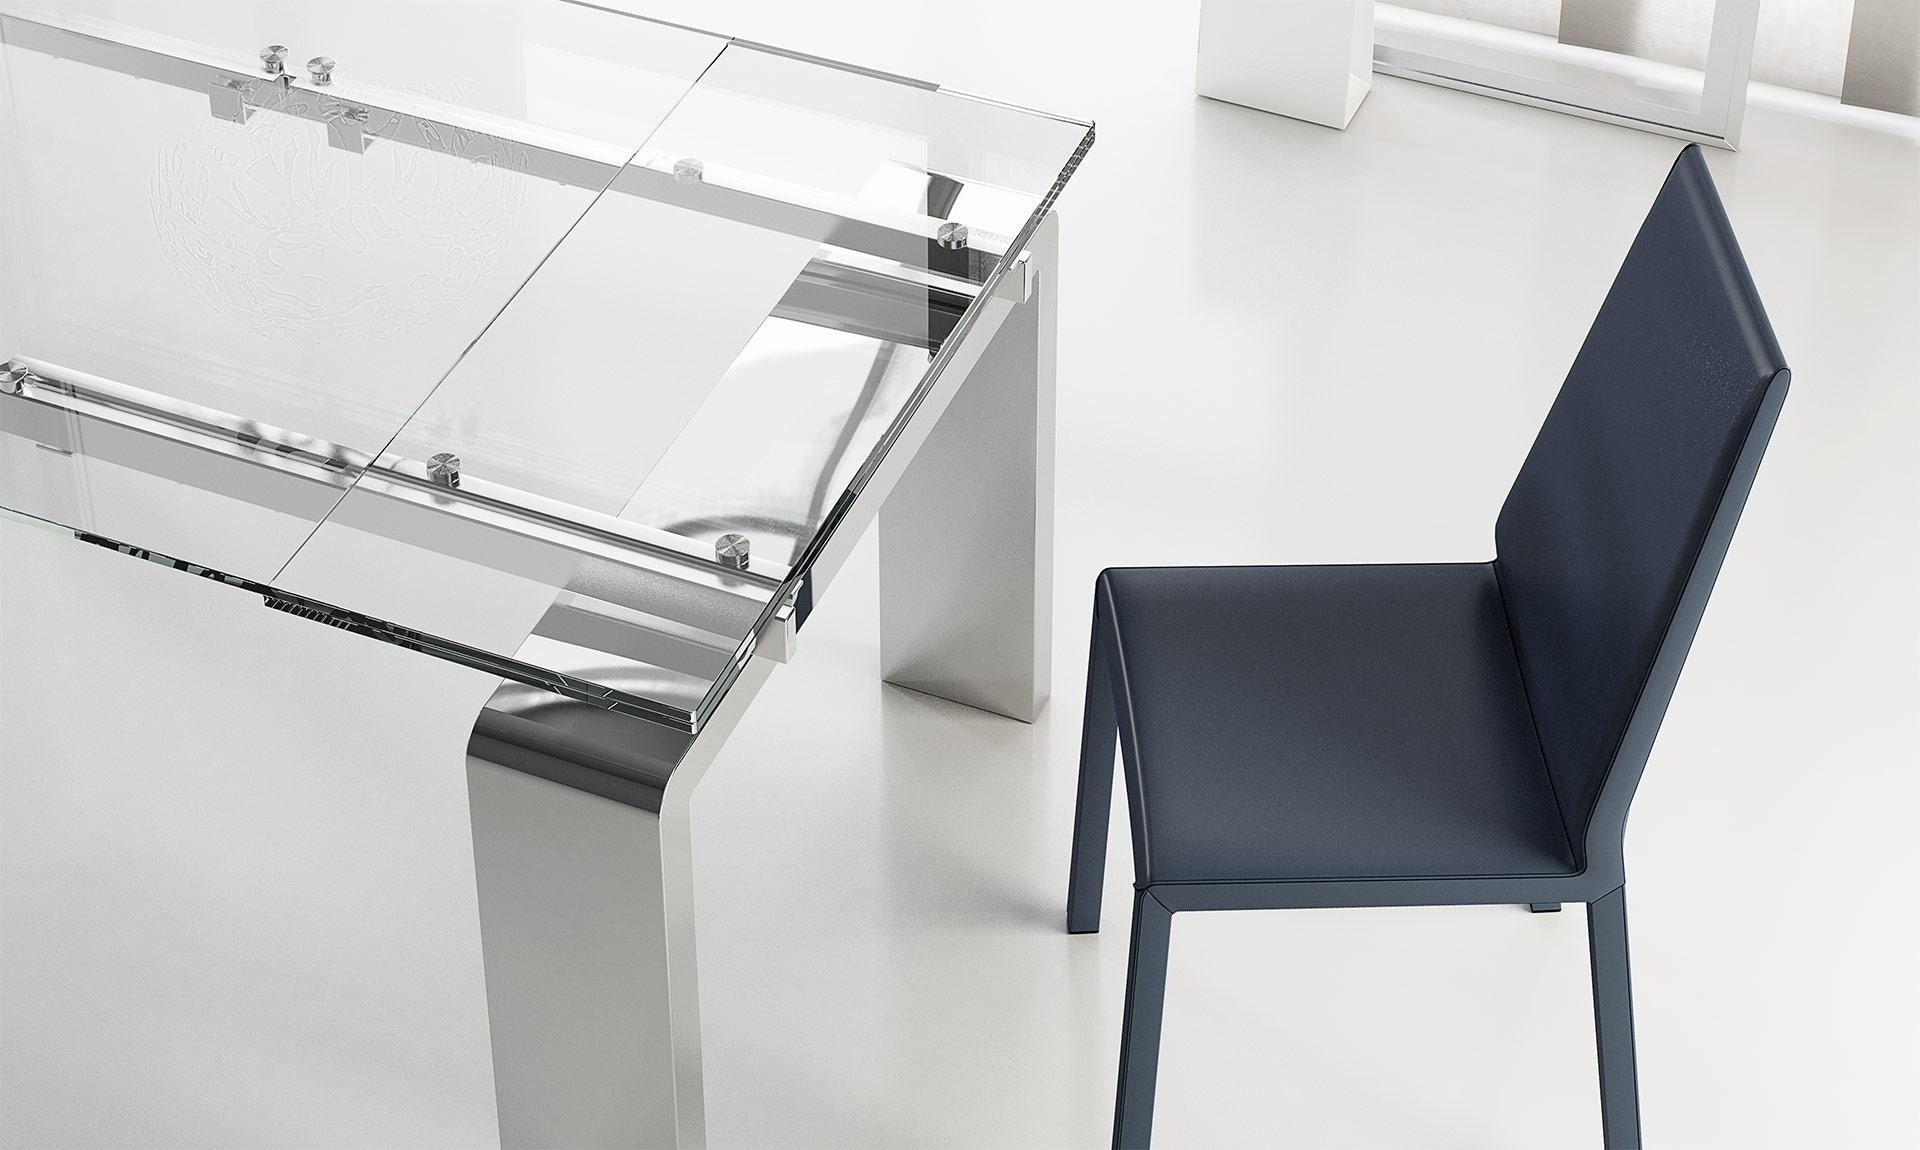 Tavolo in cristallo e acciaio mito meroni arreda for Tavoli in cristallo e acciaio